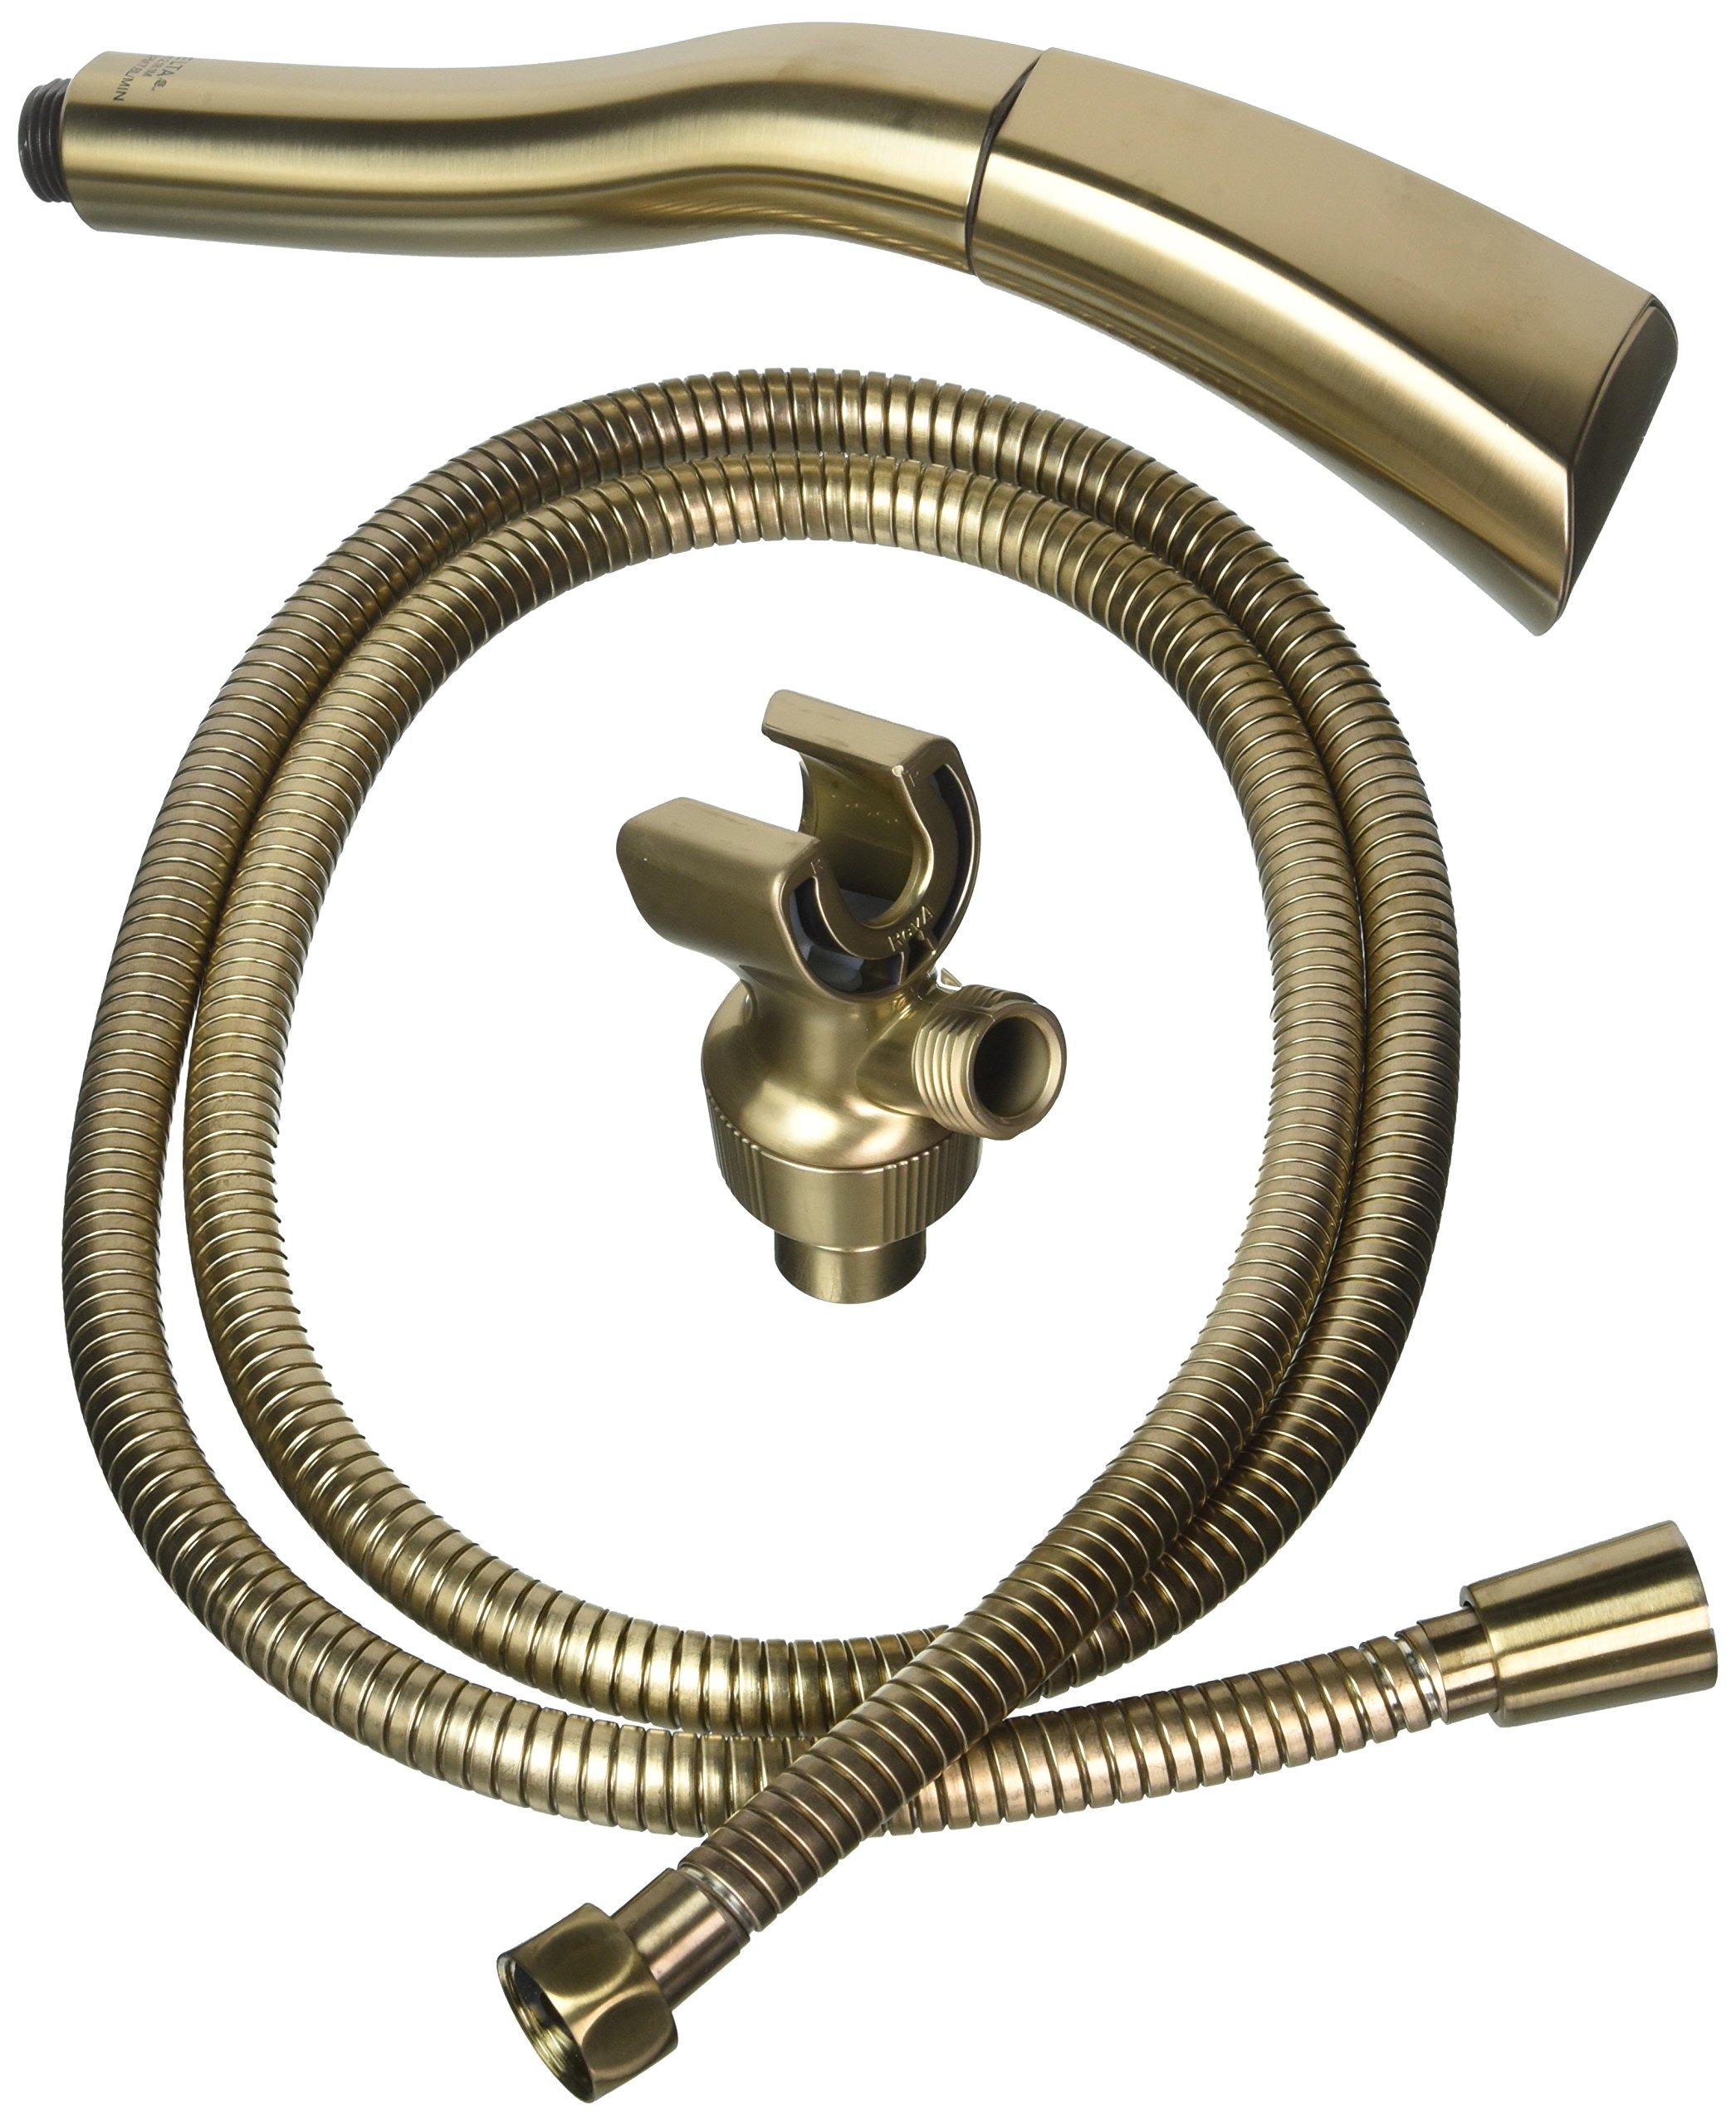 Delta Faucet 54421-CZ-PK Shower Mount Hand Shower, Champagne Bronze